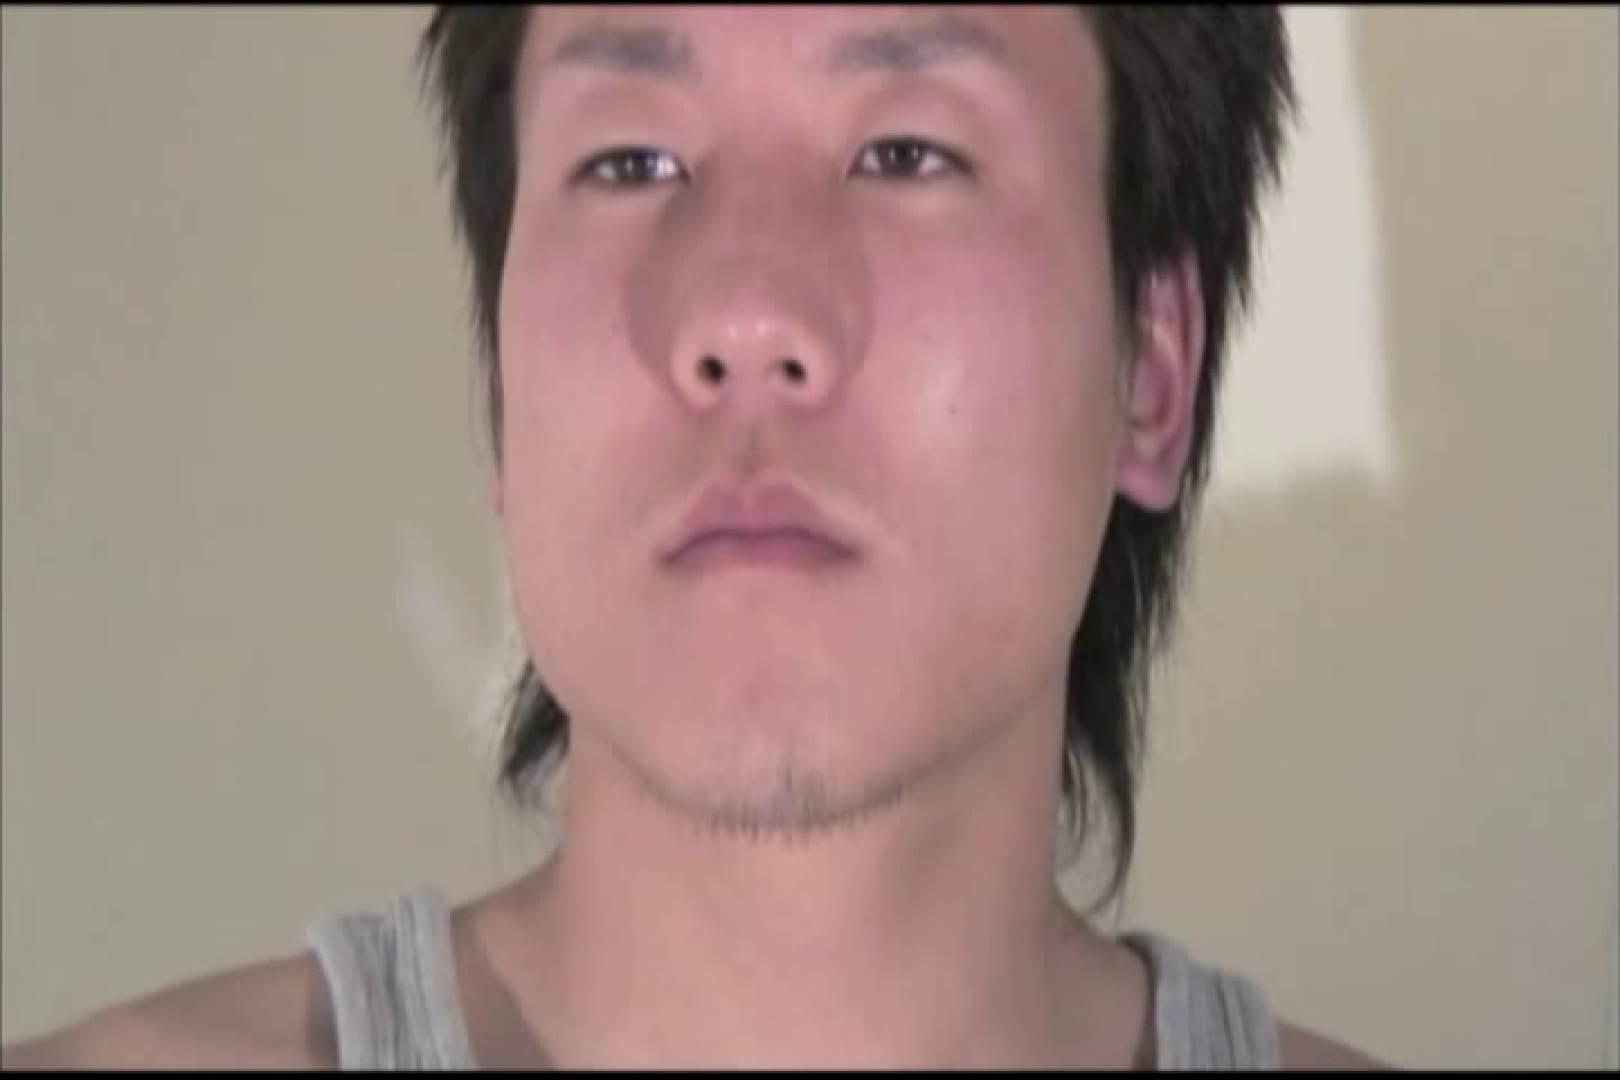 モデルにいそうな切れ長の目をもつイケメン。 スジ筋系男子 ゲイ無料エロ画像 87枚 40